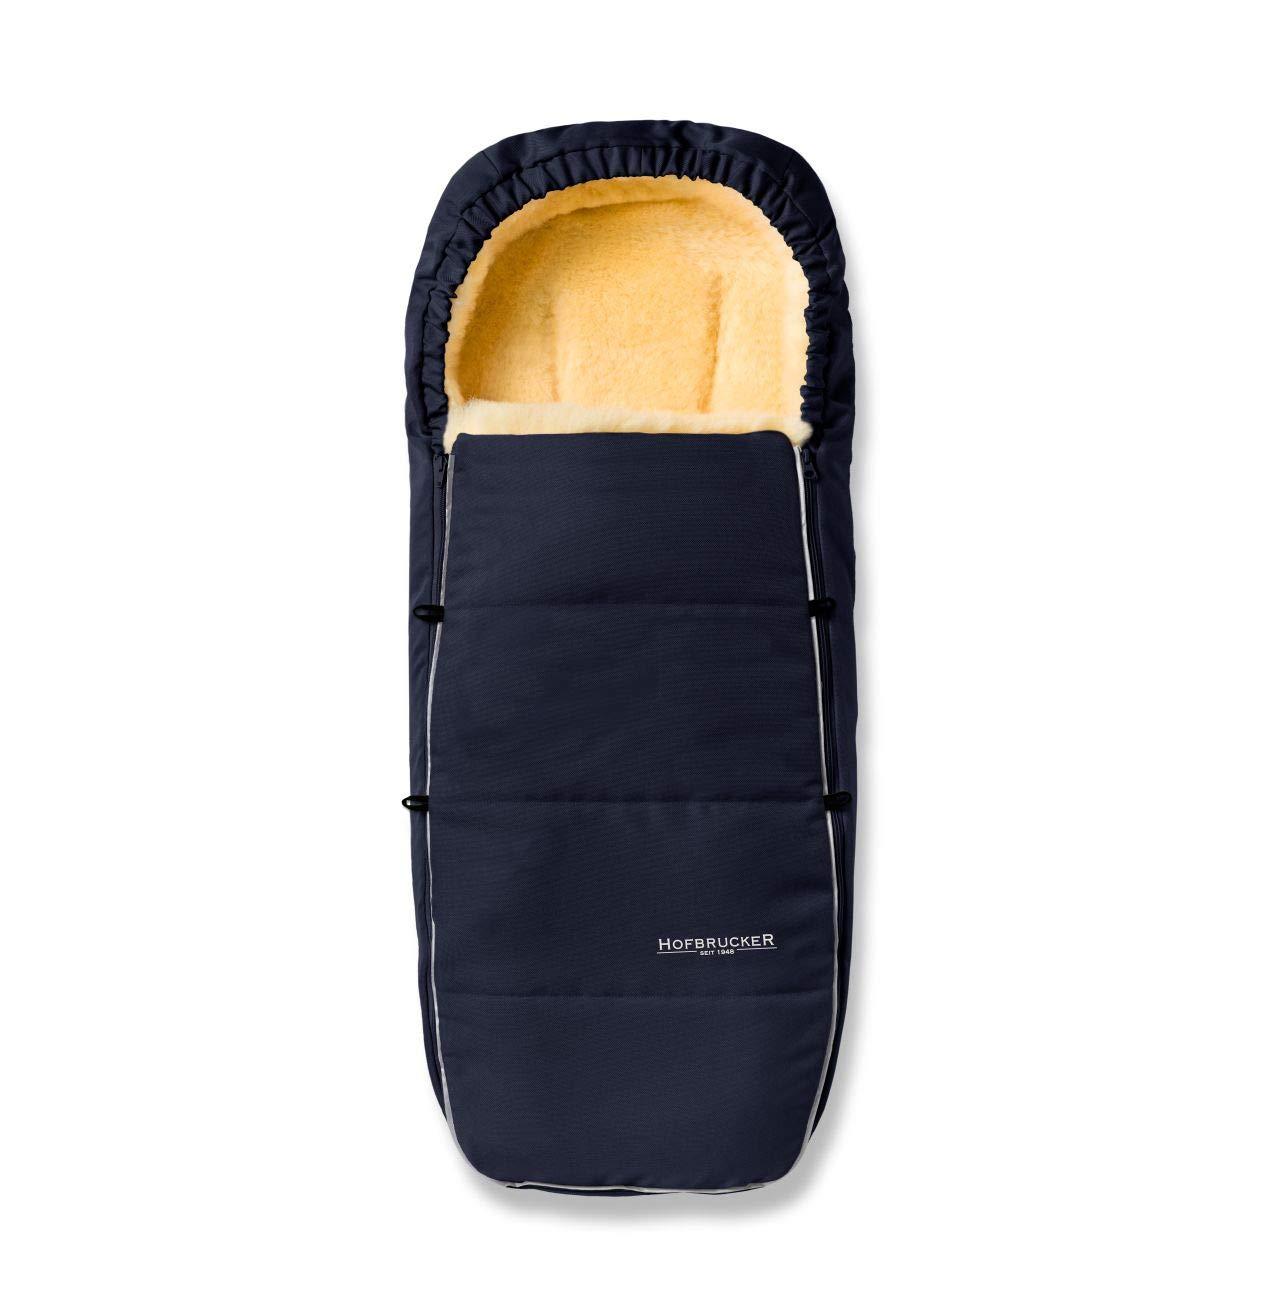 Hofbrucker Lammfell Fußsack Alaska Für Kinderwagen Und Buggy Babyfusssack Mit Lammfell Warmer Winterfußsack Mit Mumienform Babyfusssack Geeignet 0 3 Jahre Design Navy Blue Baby